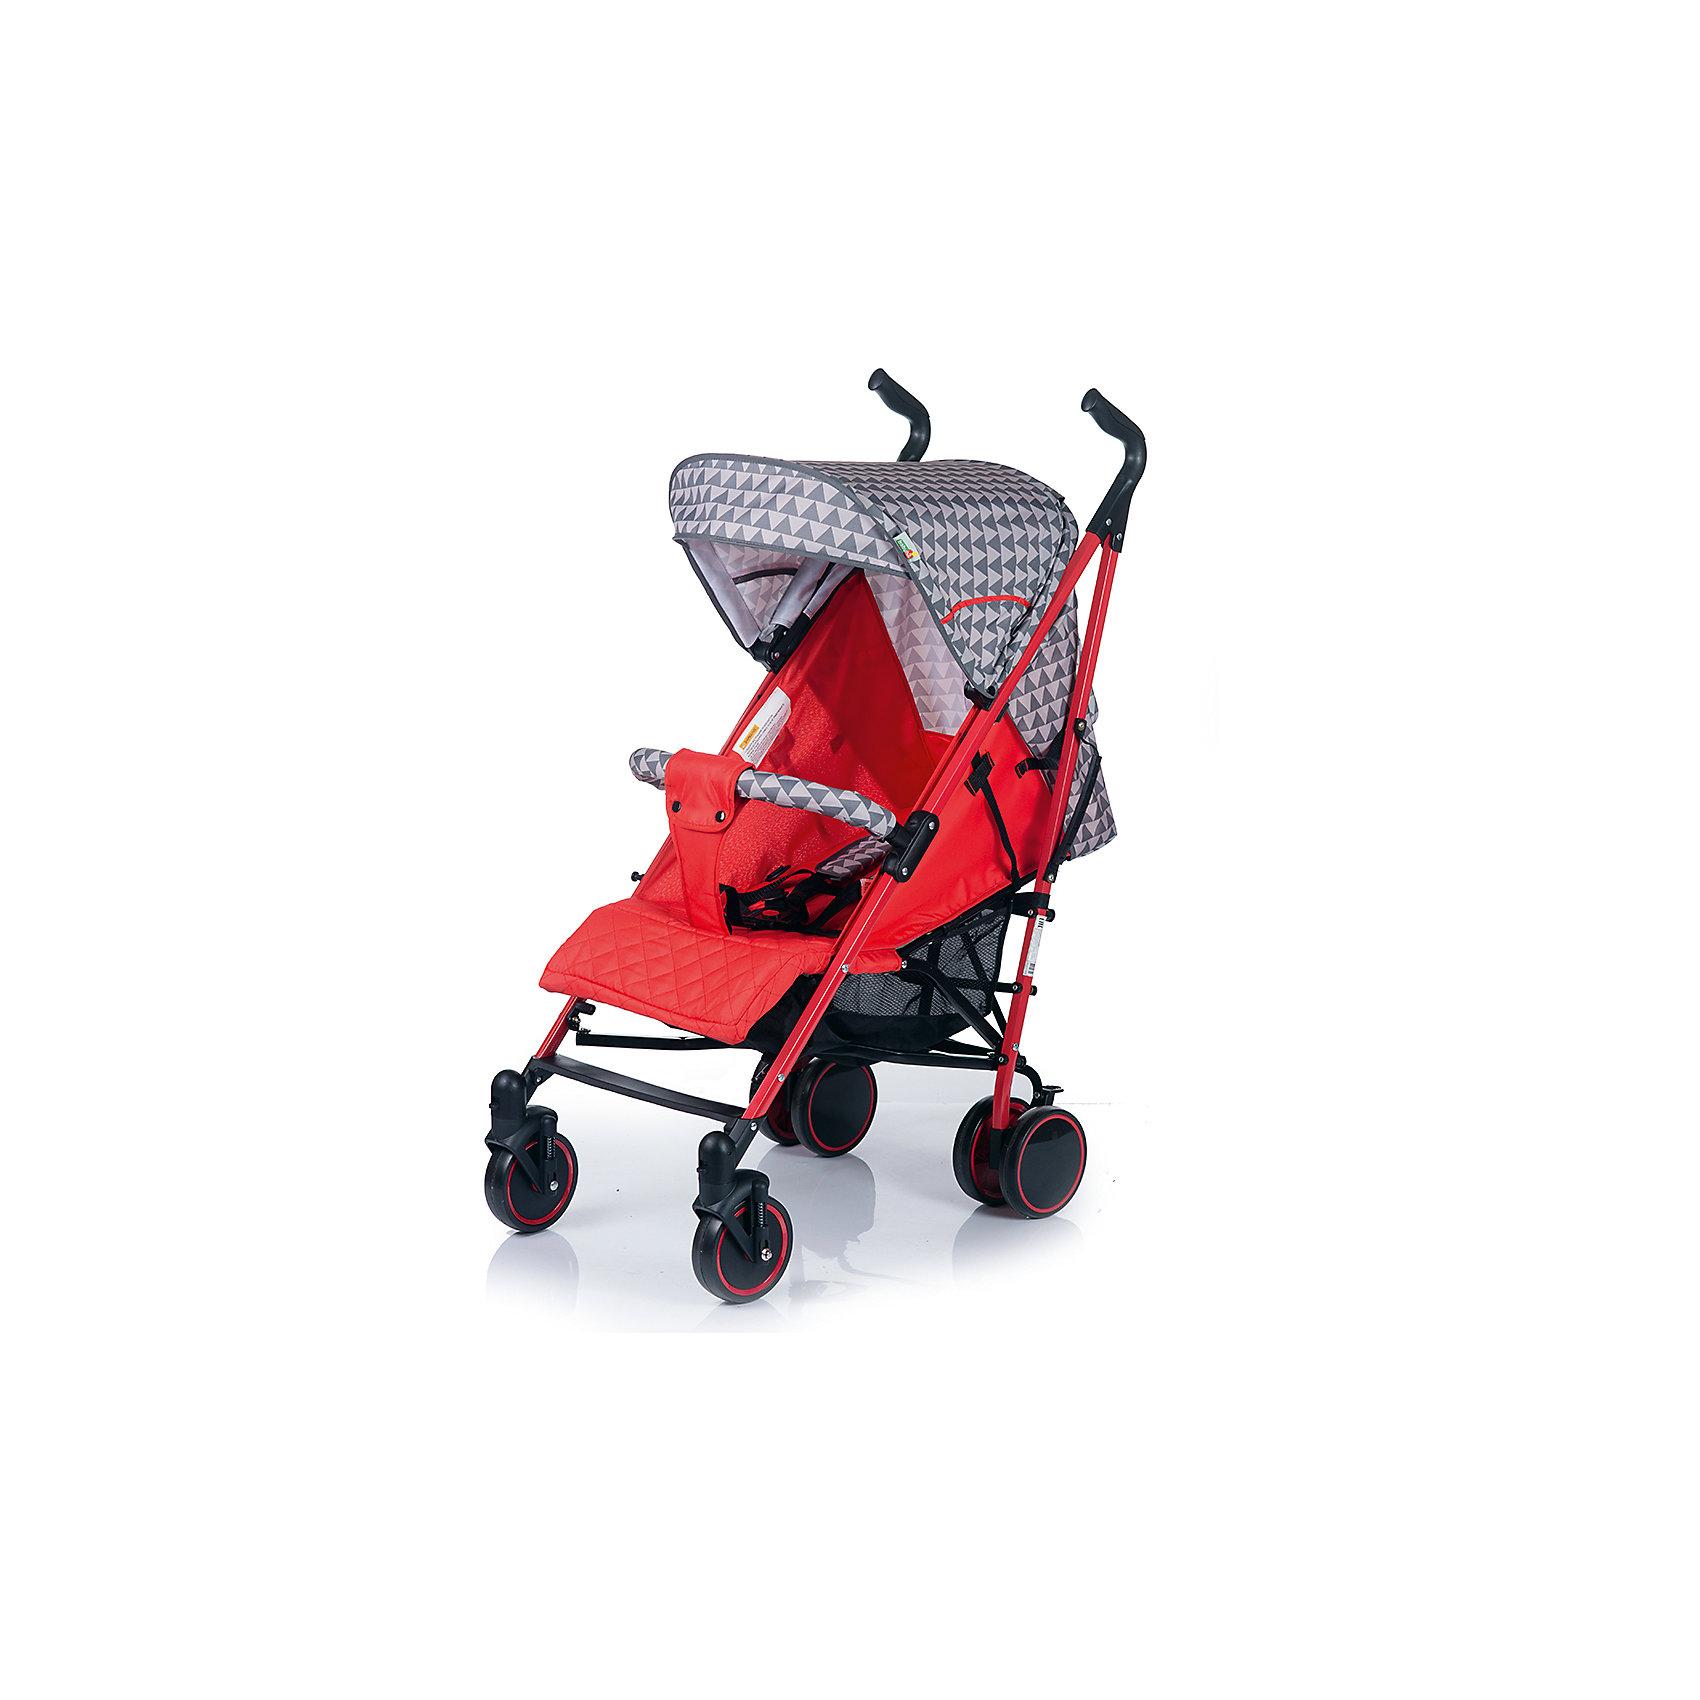 Коляска-трость BabyHit Handy, серый/красныйКоляски-трости более 7 кг.<br>Характеристики коляски:<br><br>Рама коляски:<br><br>• наклон спинки коляски регулируется до горизонтального положения;<br>• подножка регулируется;<br>• система 5-ти точечных ремней безопасности;<br>• глубокий капюшон «батискаф»;<br>• капюшон оснащен смотровым окошком;<br>• съемный поручень с паховым ремнем;<br>• чехол на ножки согревает ребенка в холодное время года;<br>• москитная сетка защищает кроху от насекомых;<br>• длина спального места: 75 см;<br>• ширина сиденья: 35 см;<br>• глубина сиденья: 21 см;<br>• высота спинки:  47 см.<br><br>Рама коляски:<br><br>• одинарные передние поворотные колеса с фиксацией в положении «прямо»;<br>• ручки коляски регулируются по высоте;<br>• система амортизации на всех колесах;<br>• корзина для покупок;<br>• тип складывания: трость;<br>• высота до ручки: 87-107 см;<br>• диаметр передних колес: 14 см;<br>• диаметр задних колес: 15 см.<br><br>Размеры коляски в разложенном виде: 83х50х107 см<br>Размеры коляски в сложенном виде: 107х33х33 см<br>Вес коляски: 8 кг<br><br>Коляску-трость Babyhit Handy можно купить в нашем интернет-магазине.<br><br>Ширина мм: 300<br>Глубина мм: 230<br>Высота мм: 1000<br>Вес г: 9850<br>Возраст от месяцев: 6<br>Возраст до месяцев: 36<br>Пол: Унисекс<br>Возраст: Детский<br>SKU: 6668605